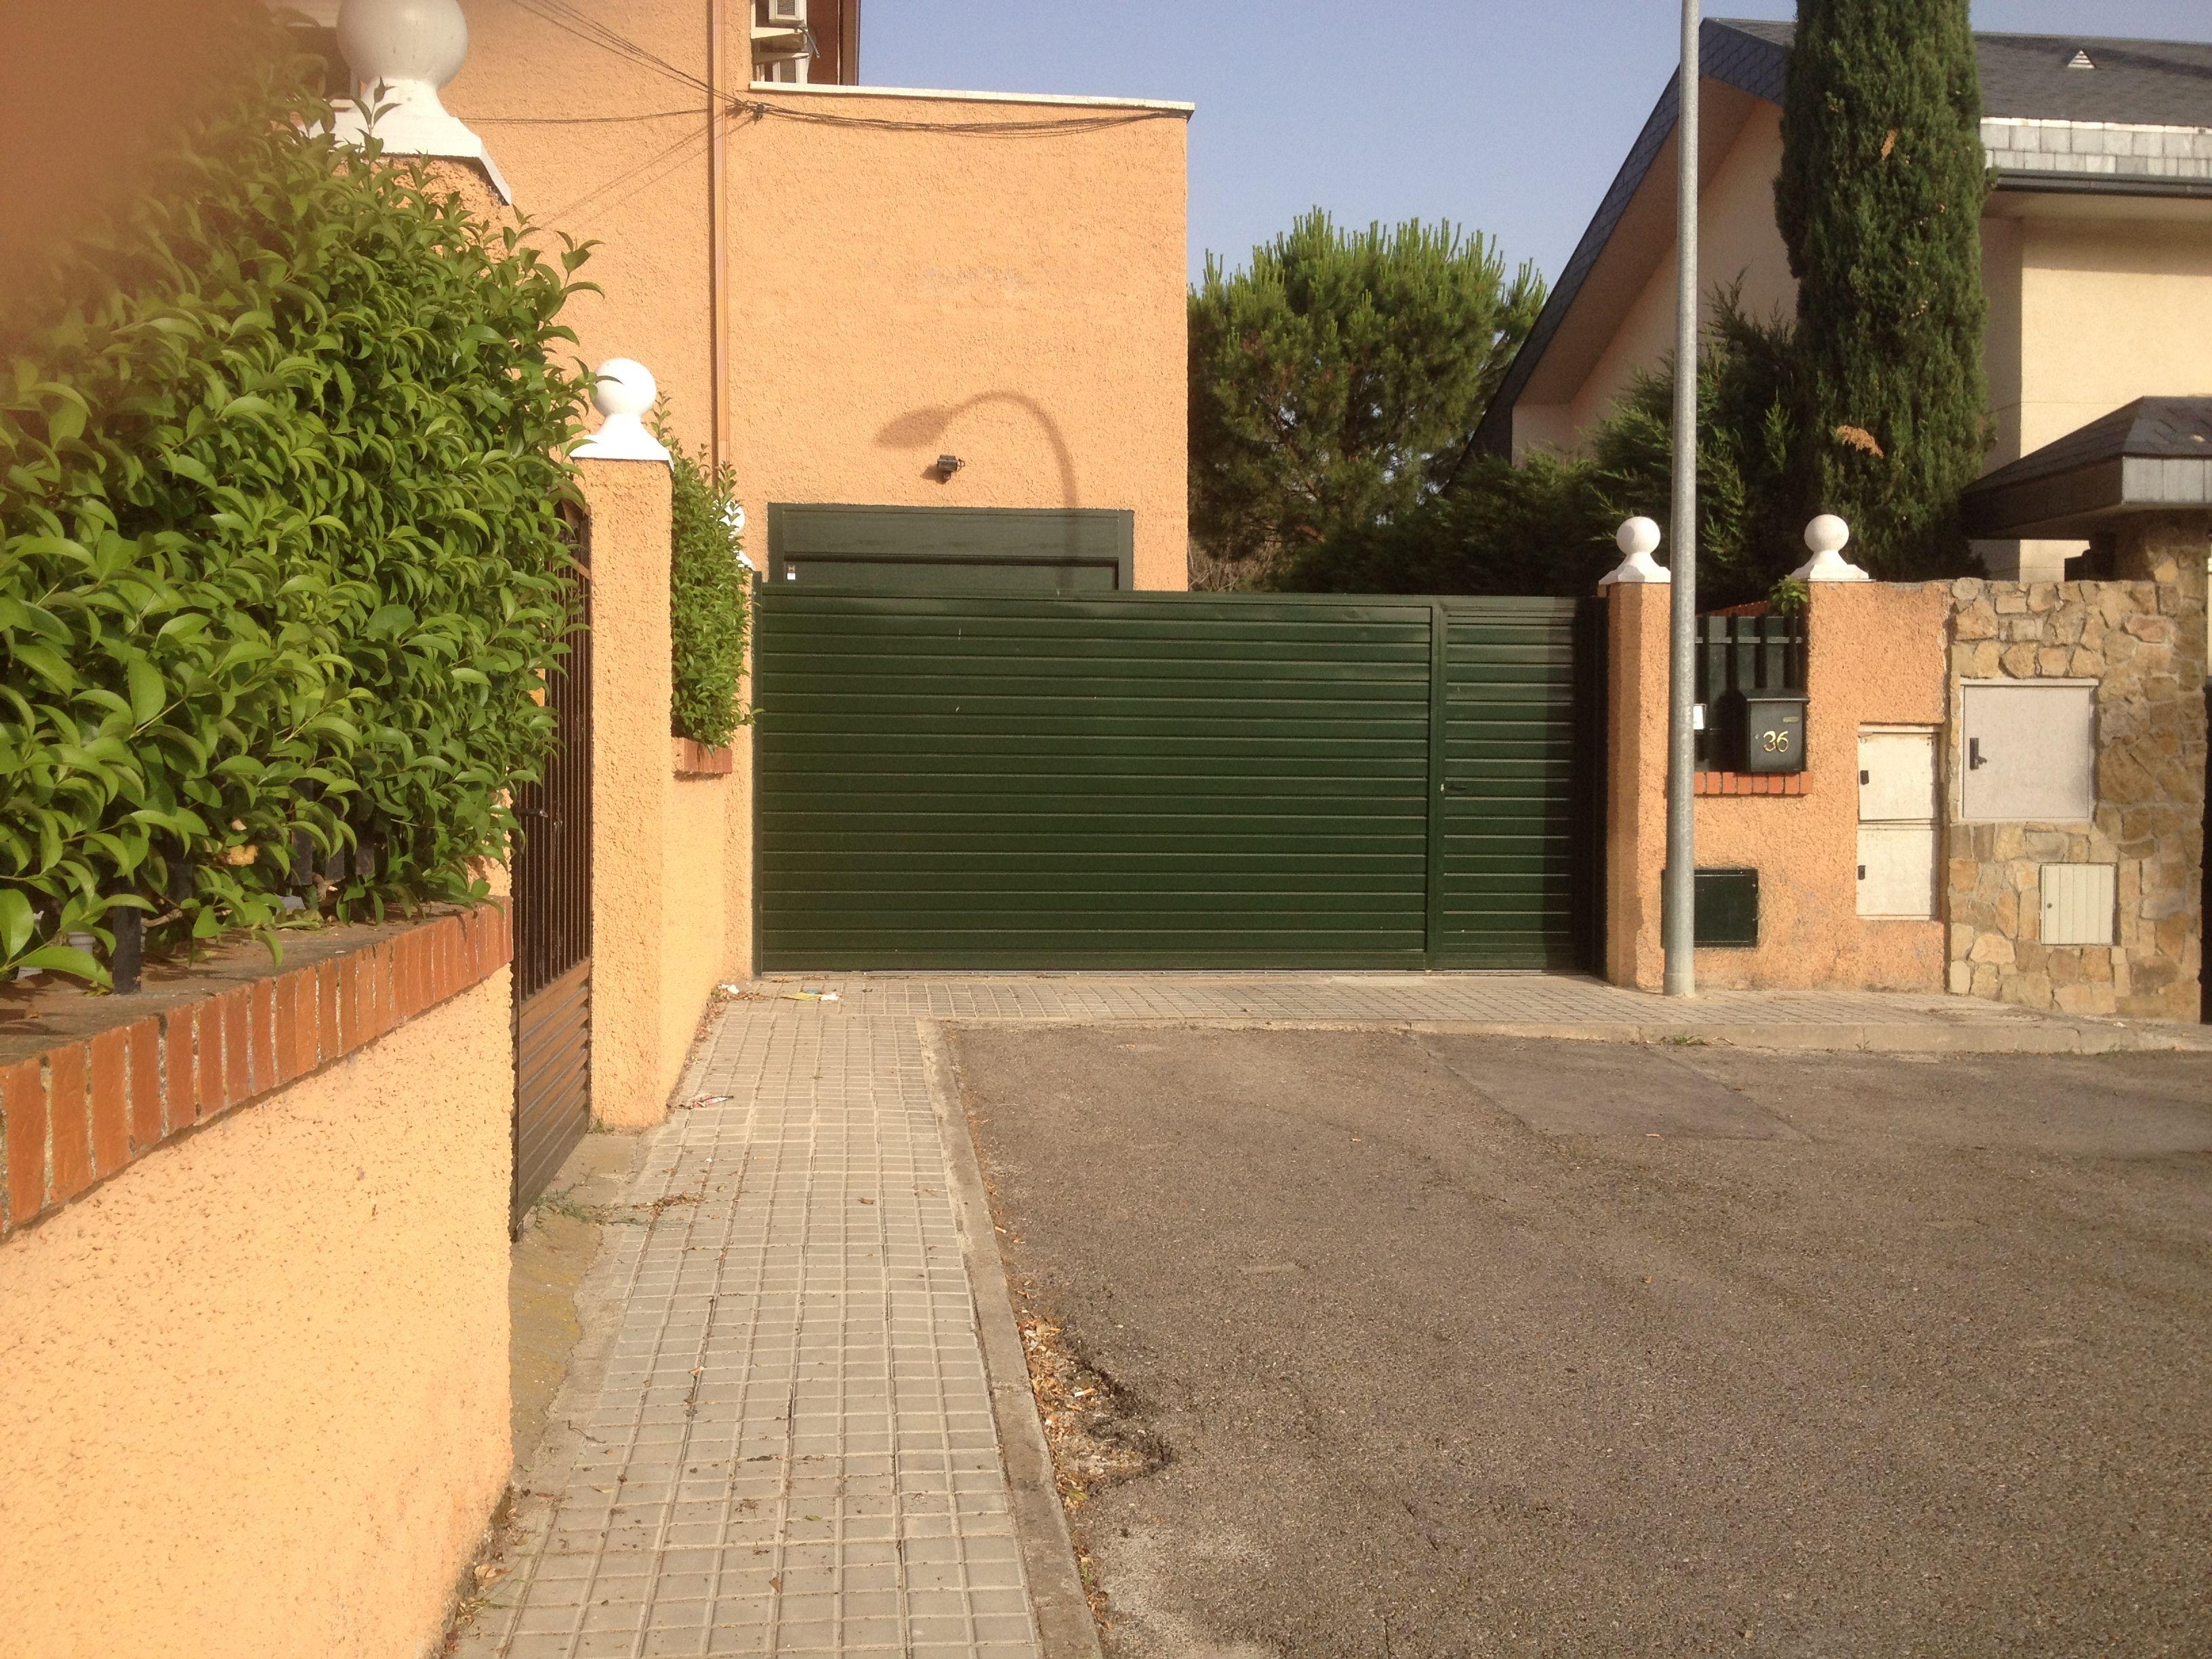 Puertas correderas y abatibles cat logo de puertas j y p - Puertas correderas o abatibles ...